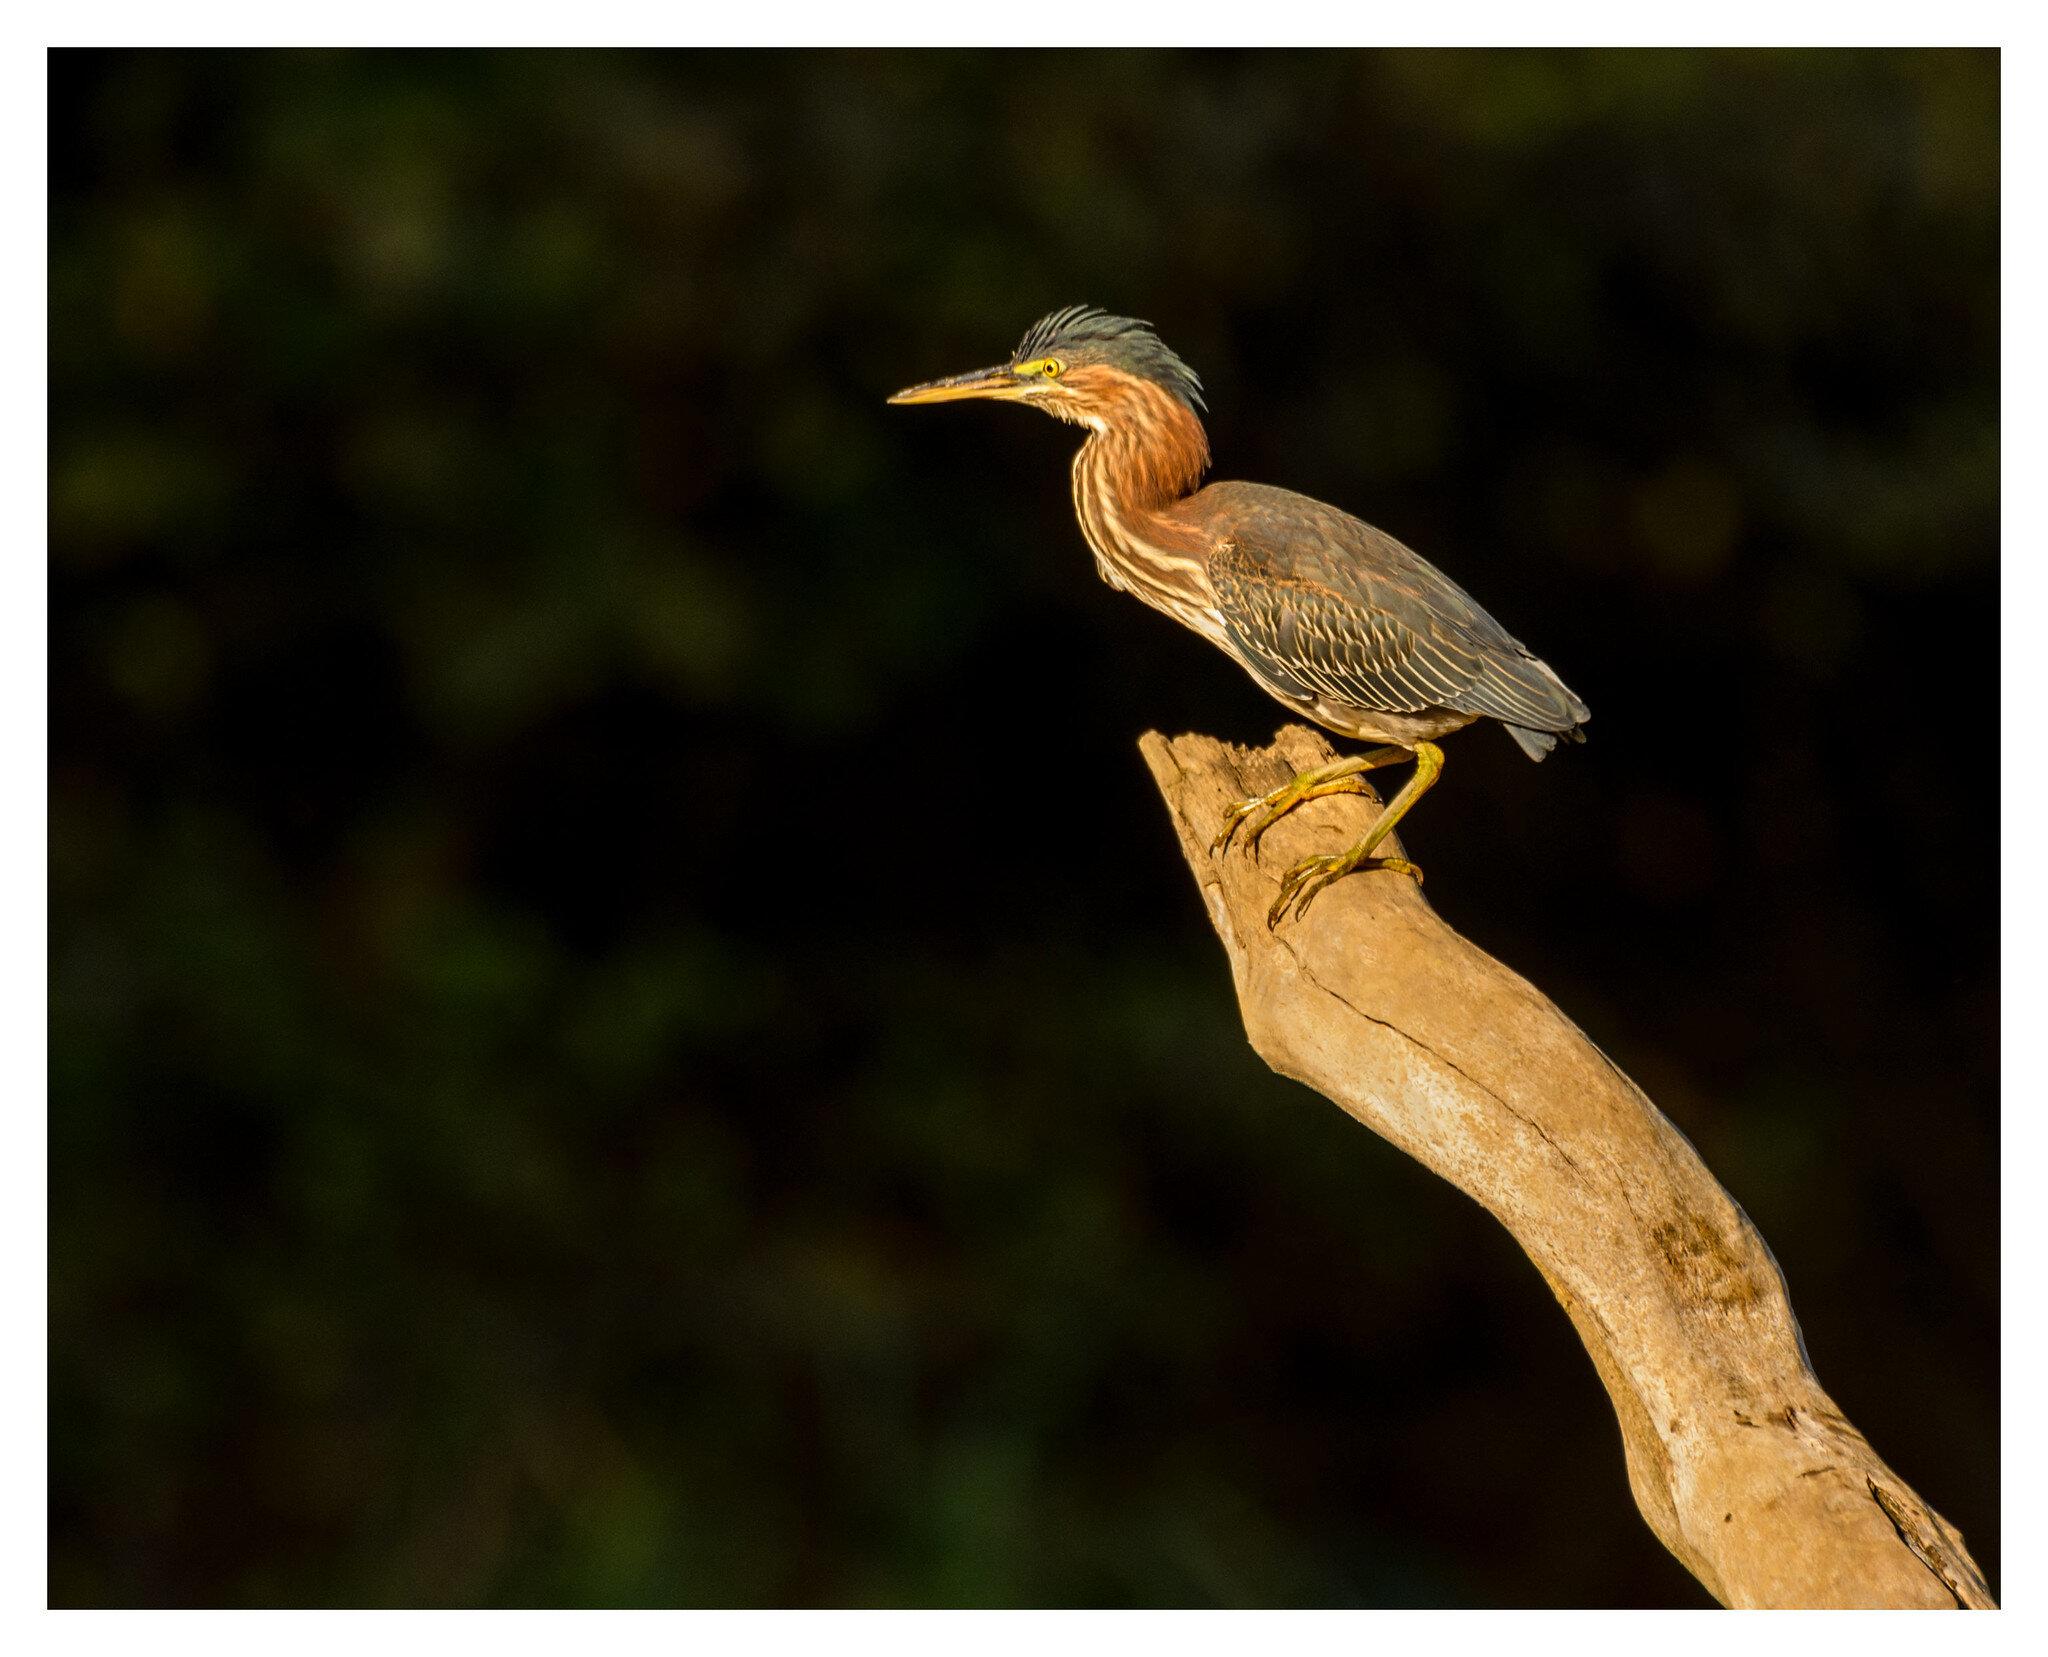 Green Heron - Caesar Creek State Park